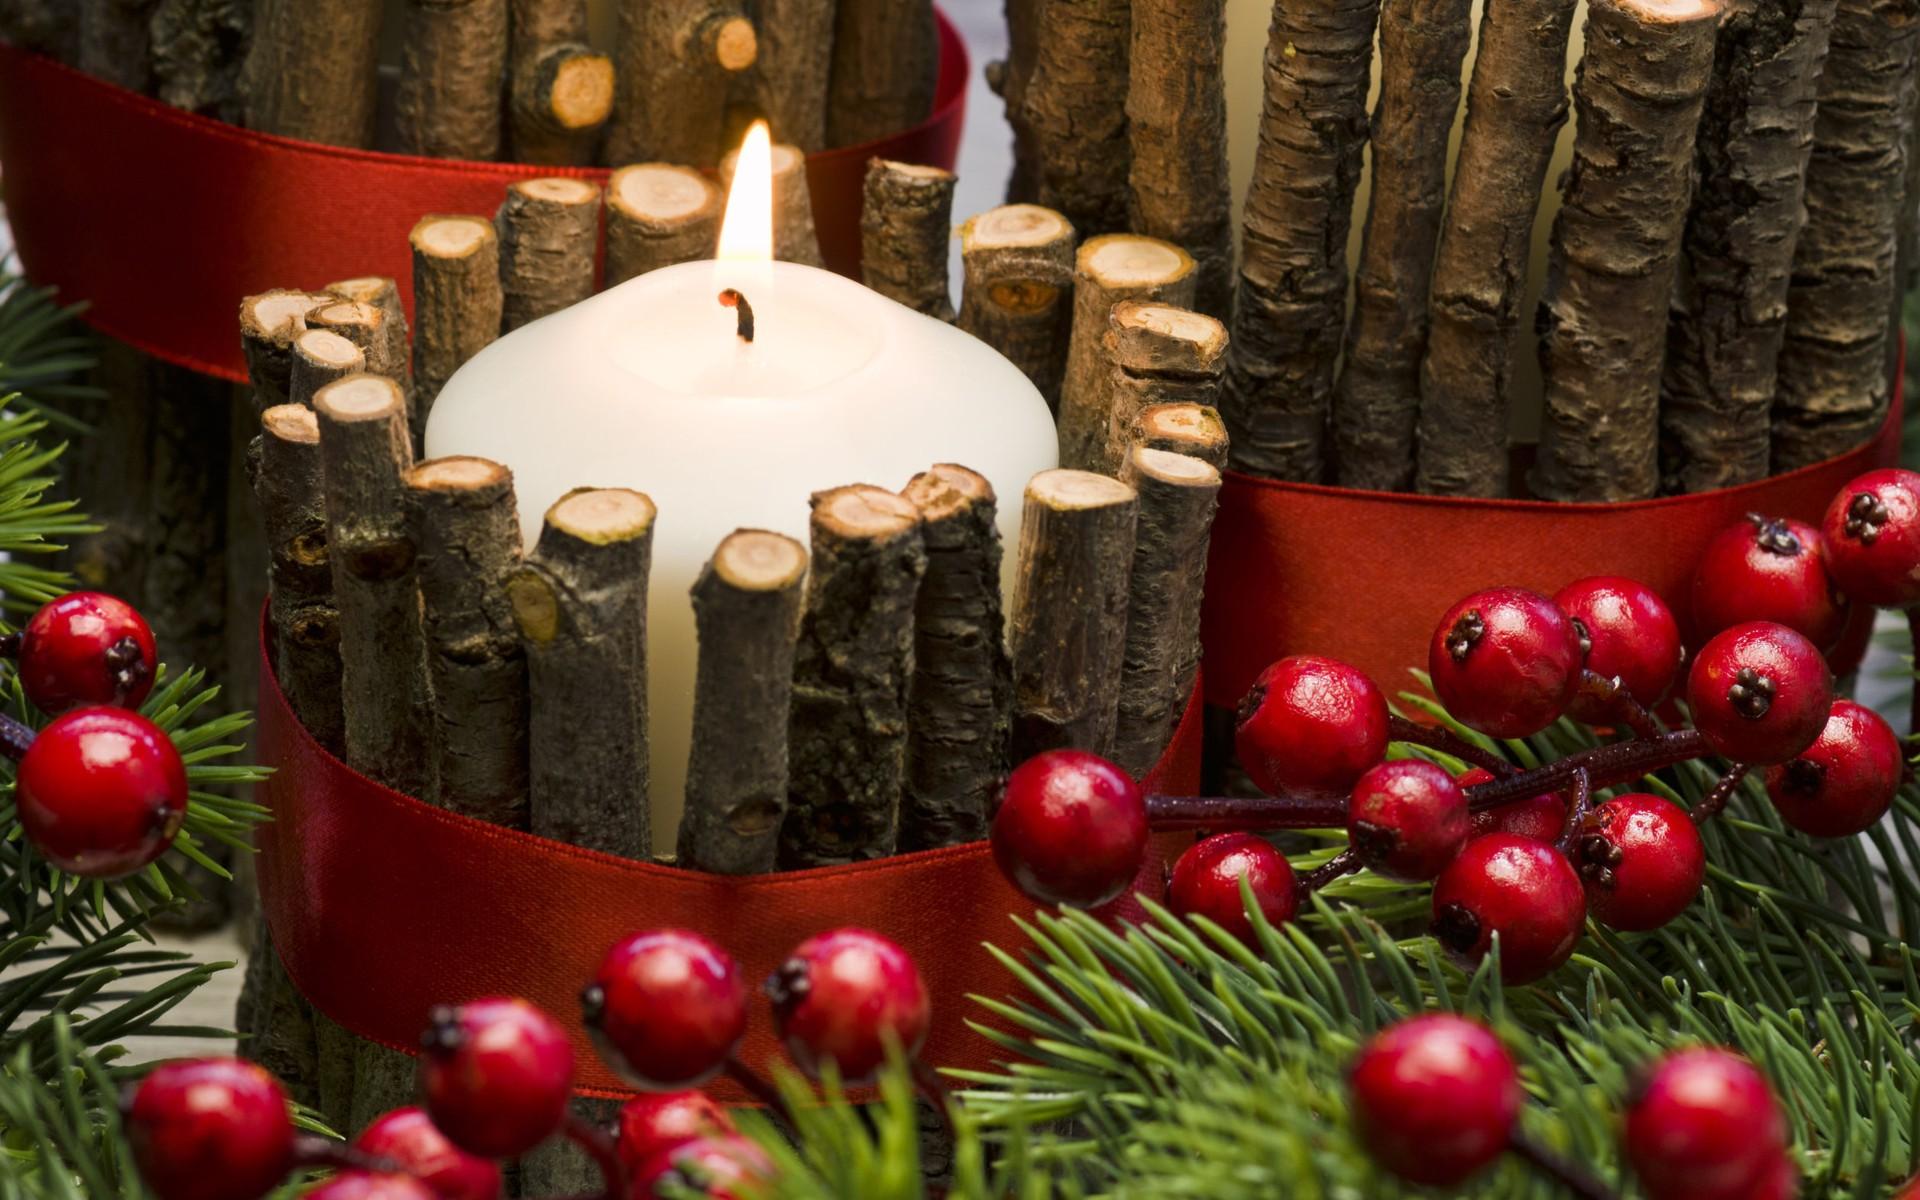 Aranjament Crăciun cu lumânare